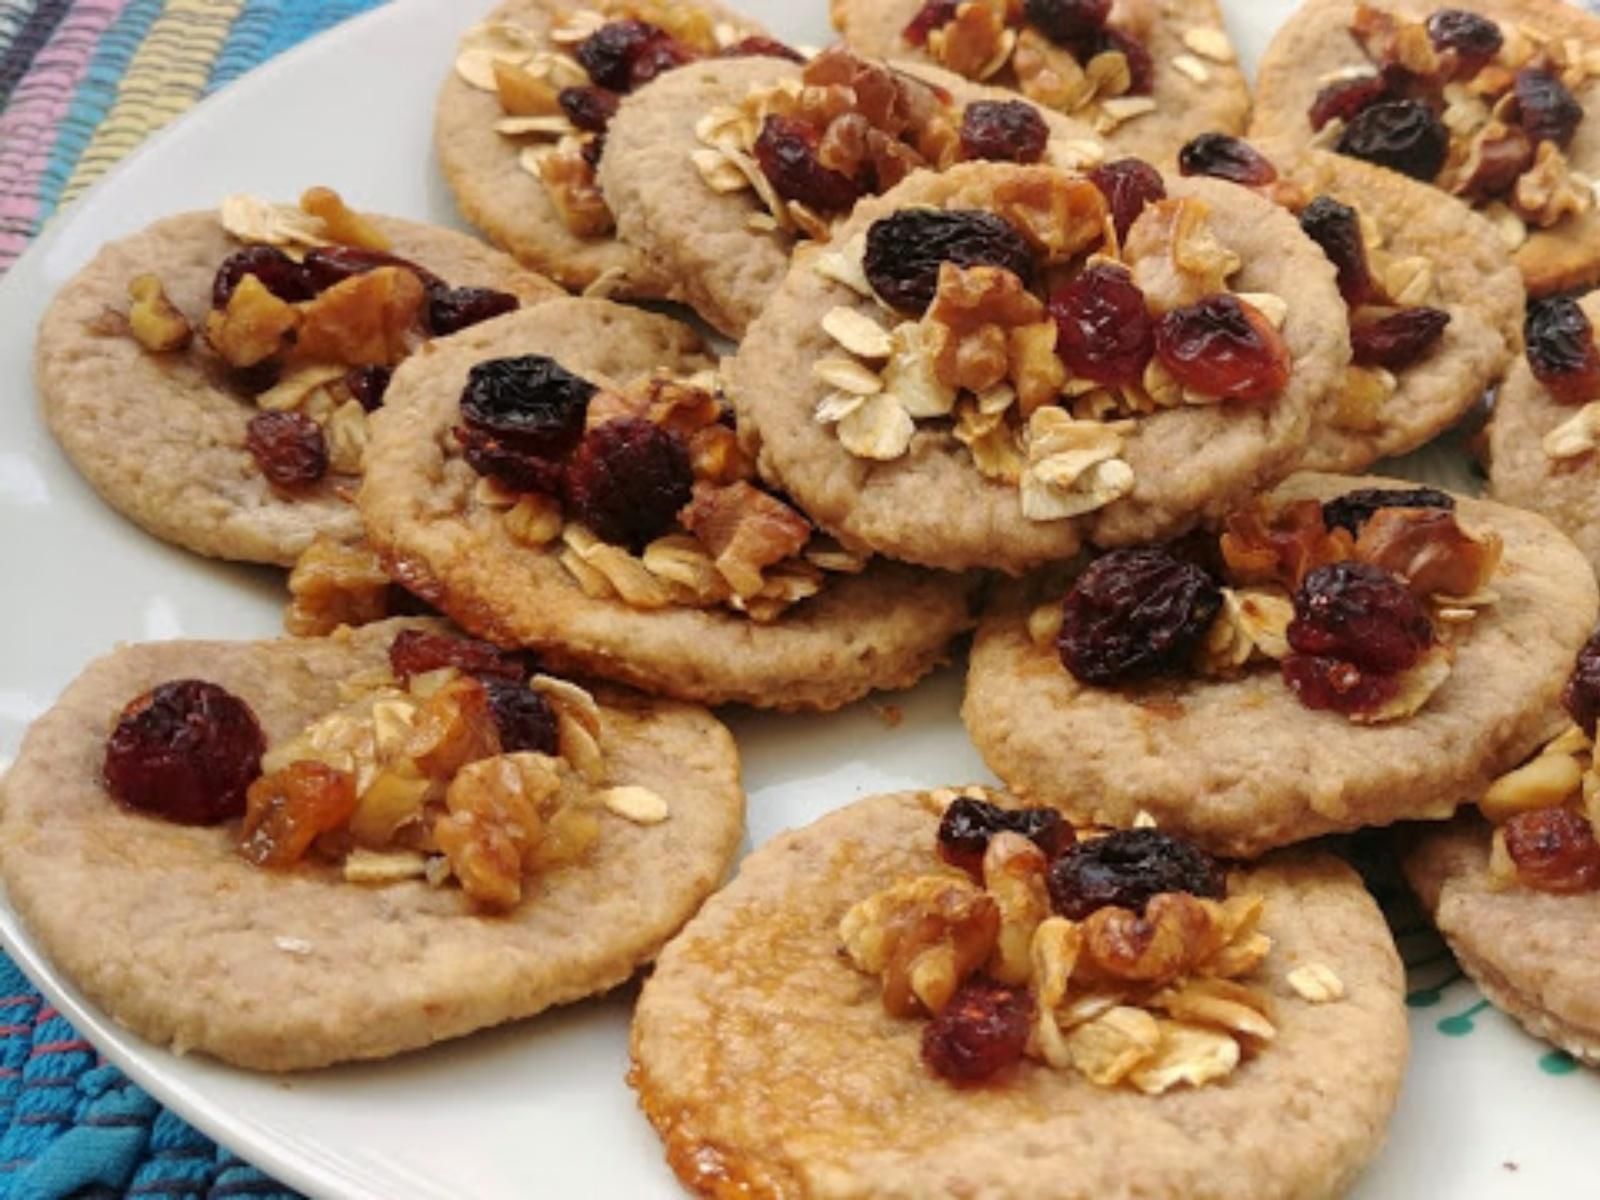 Vegan white bean and walnut cookies